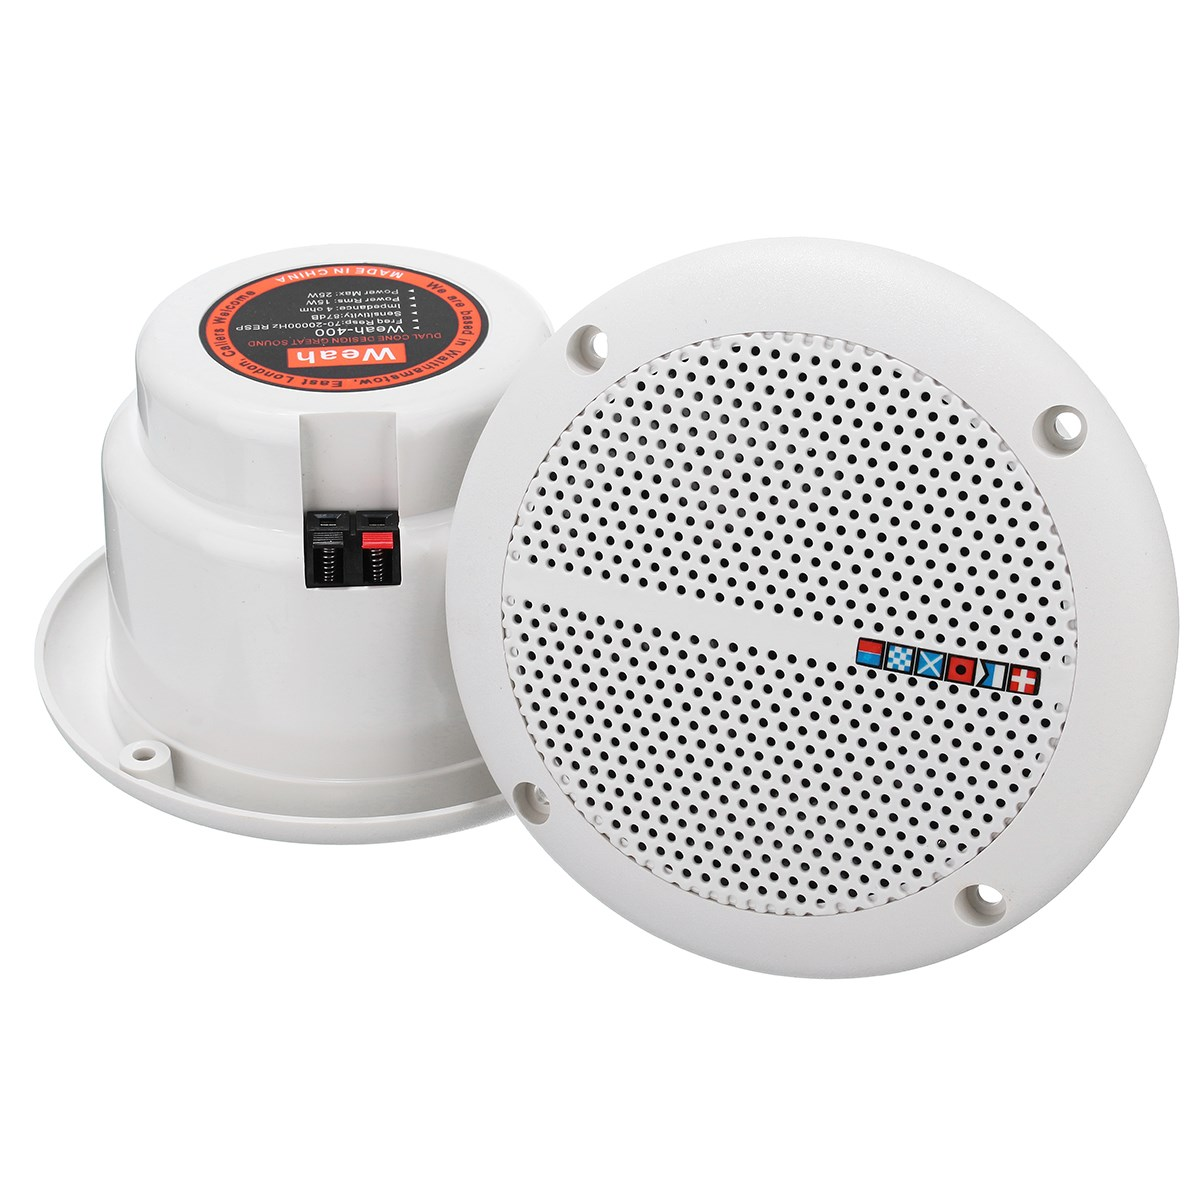 Leory 1 Pair Loudspeakers Waterproof Marine Boat Ceiling Wall Speakers  Kitchen Bathroom Water Resistant 25w Ceiling Speaker In Speakers From  Consumer. Bathroom Ceiling Speaker System